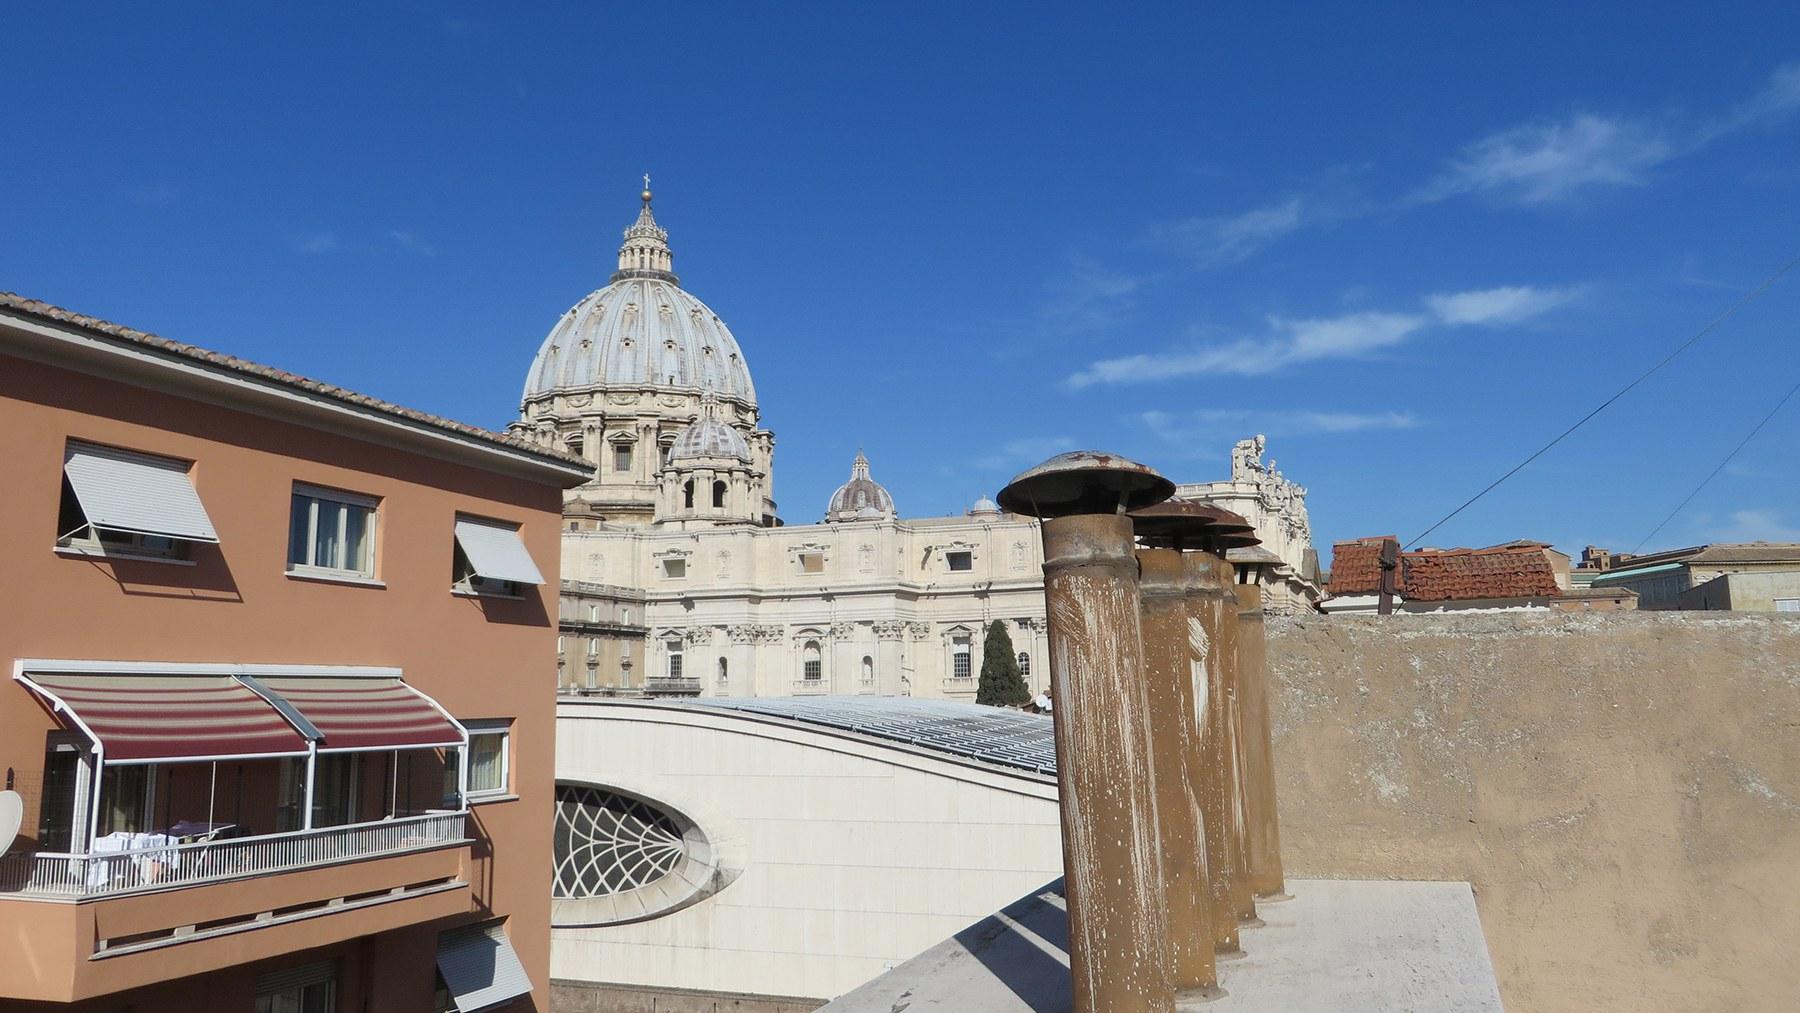 terrazza Mary's Place San Pietro